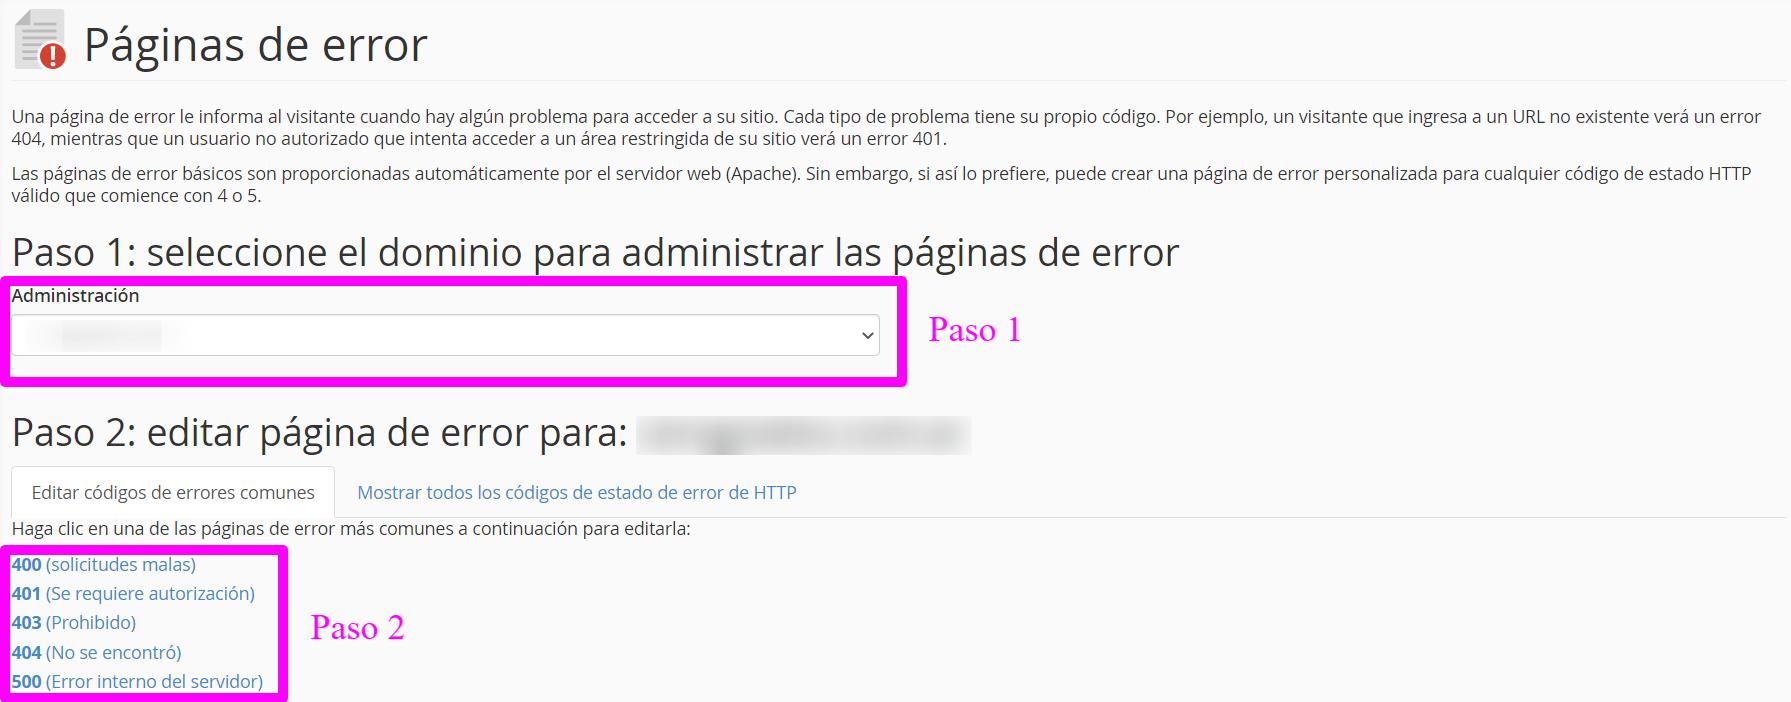 ¿Cómo crear páginas de error personalizadas en cPanel?